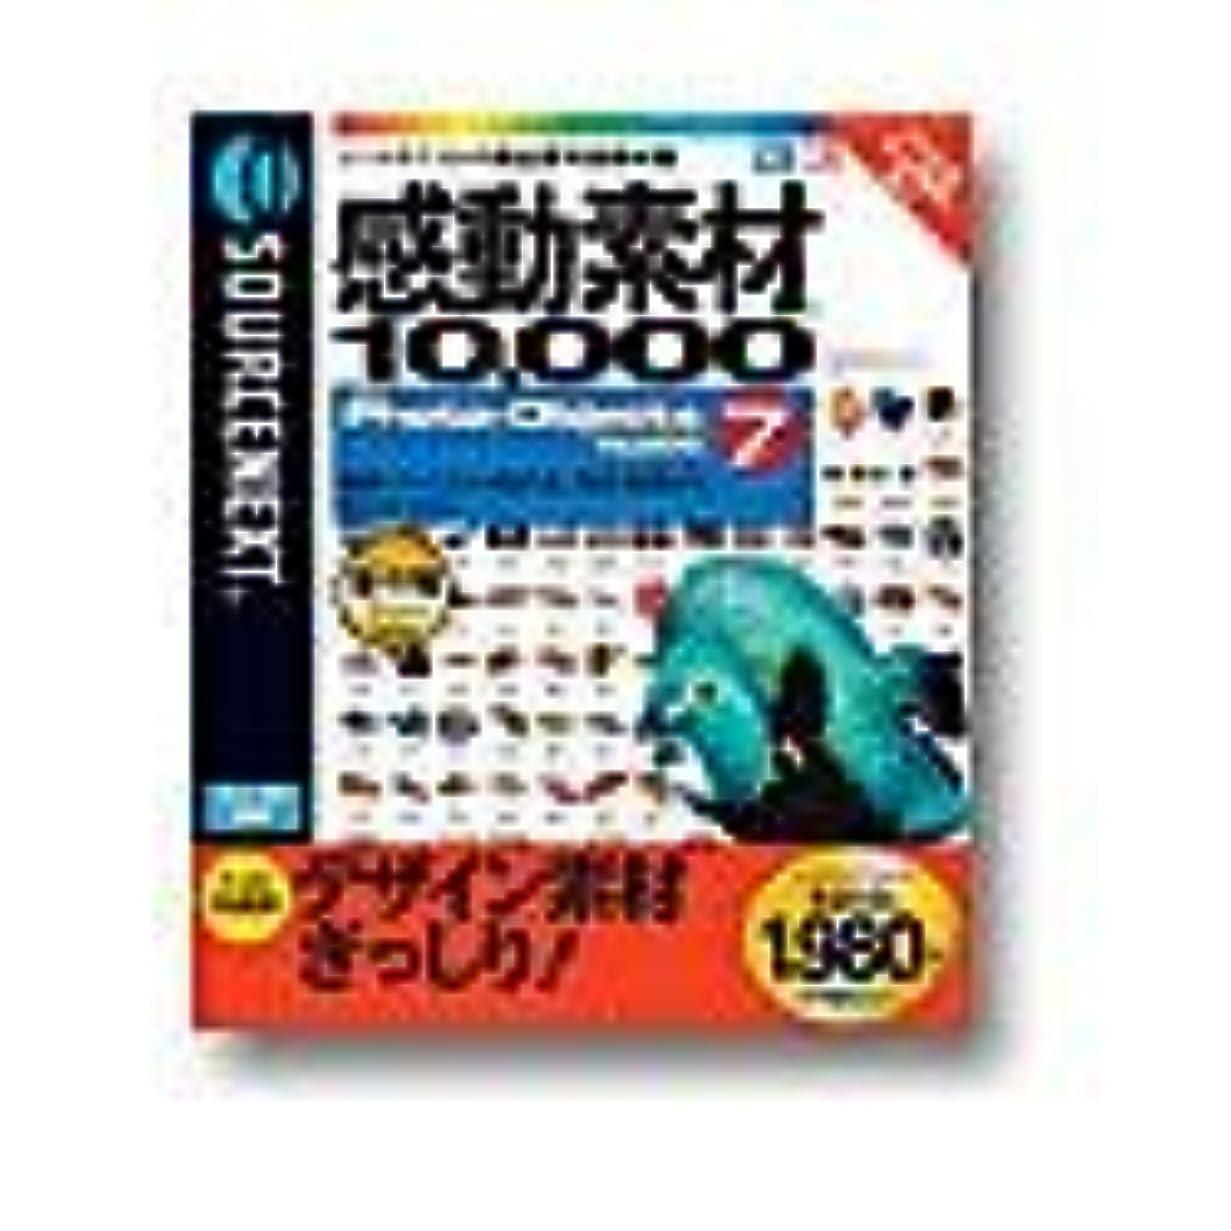 コマンドリファイン通知する感動素材 10000 HEMERA Photo-Objects 7